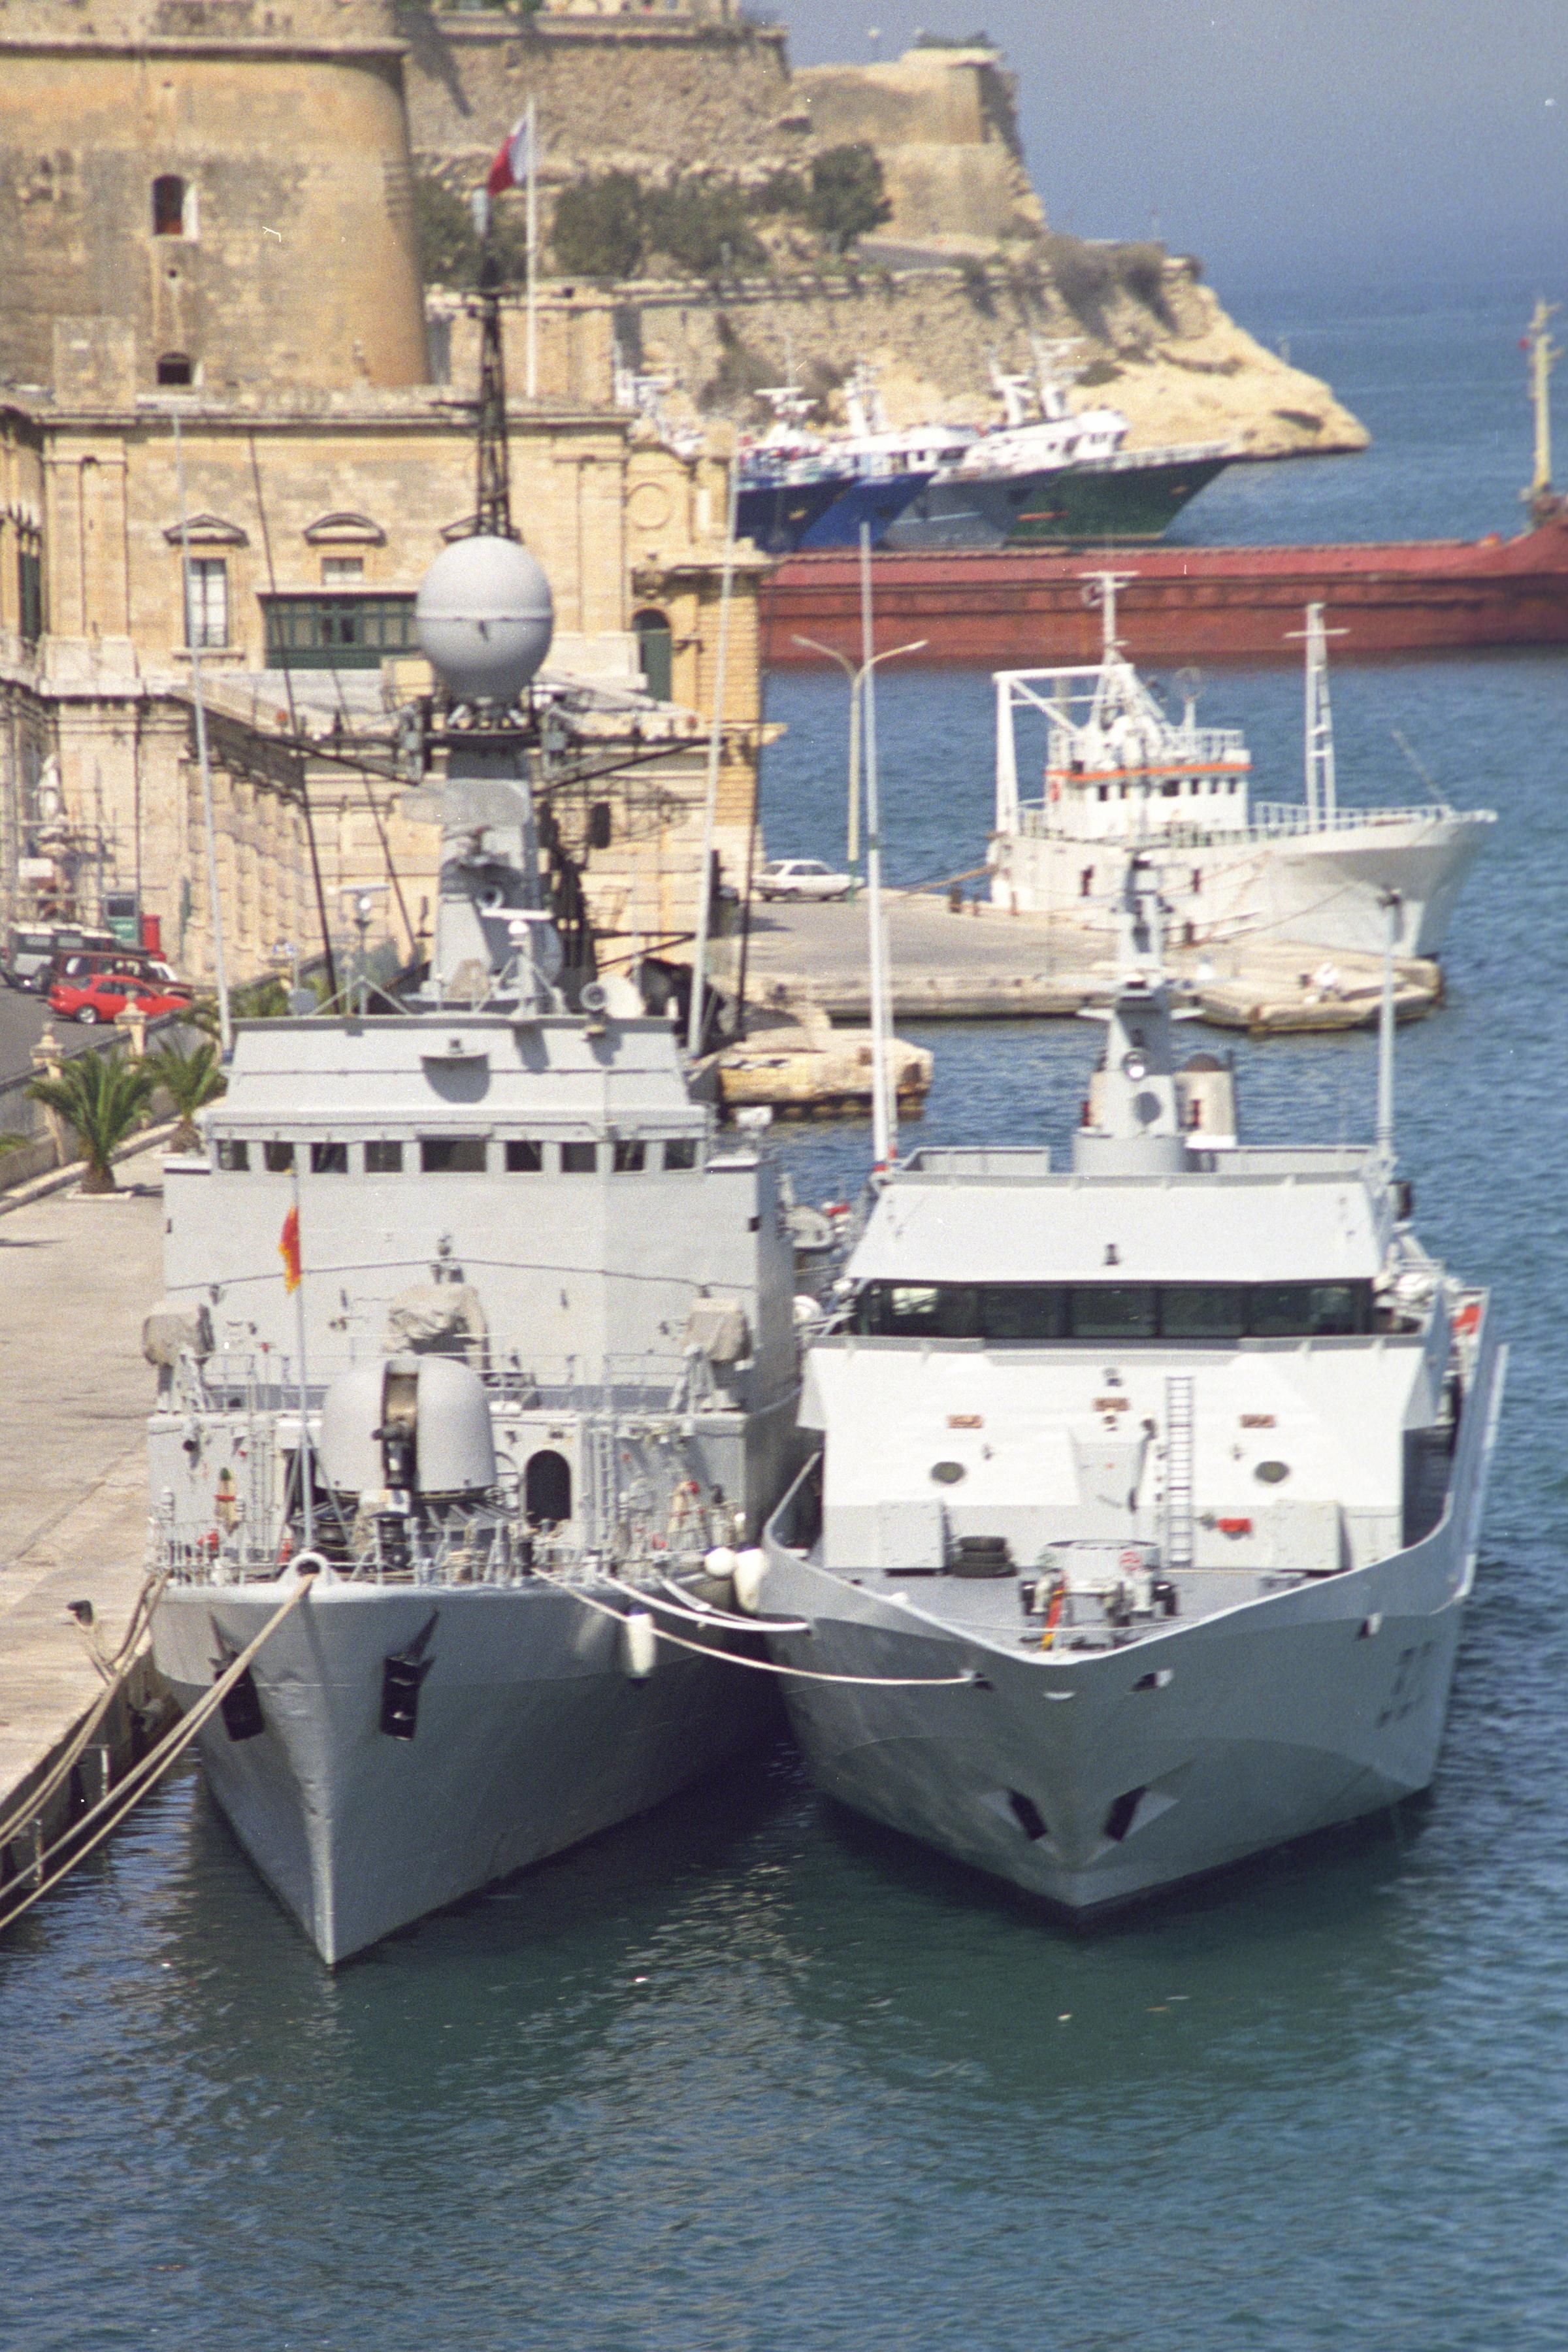 Royal Moroccan Navy Descubierta Frigate / Patrouilleur Océanique Lt Cl Errahmani - Bâtiment École - Page 3 24980653485_5db111c4c6_o